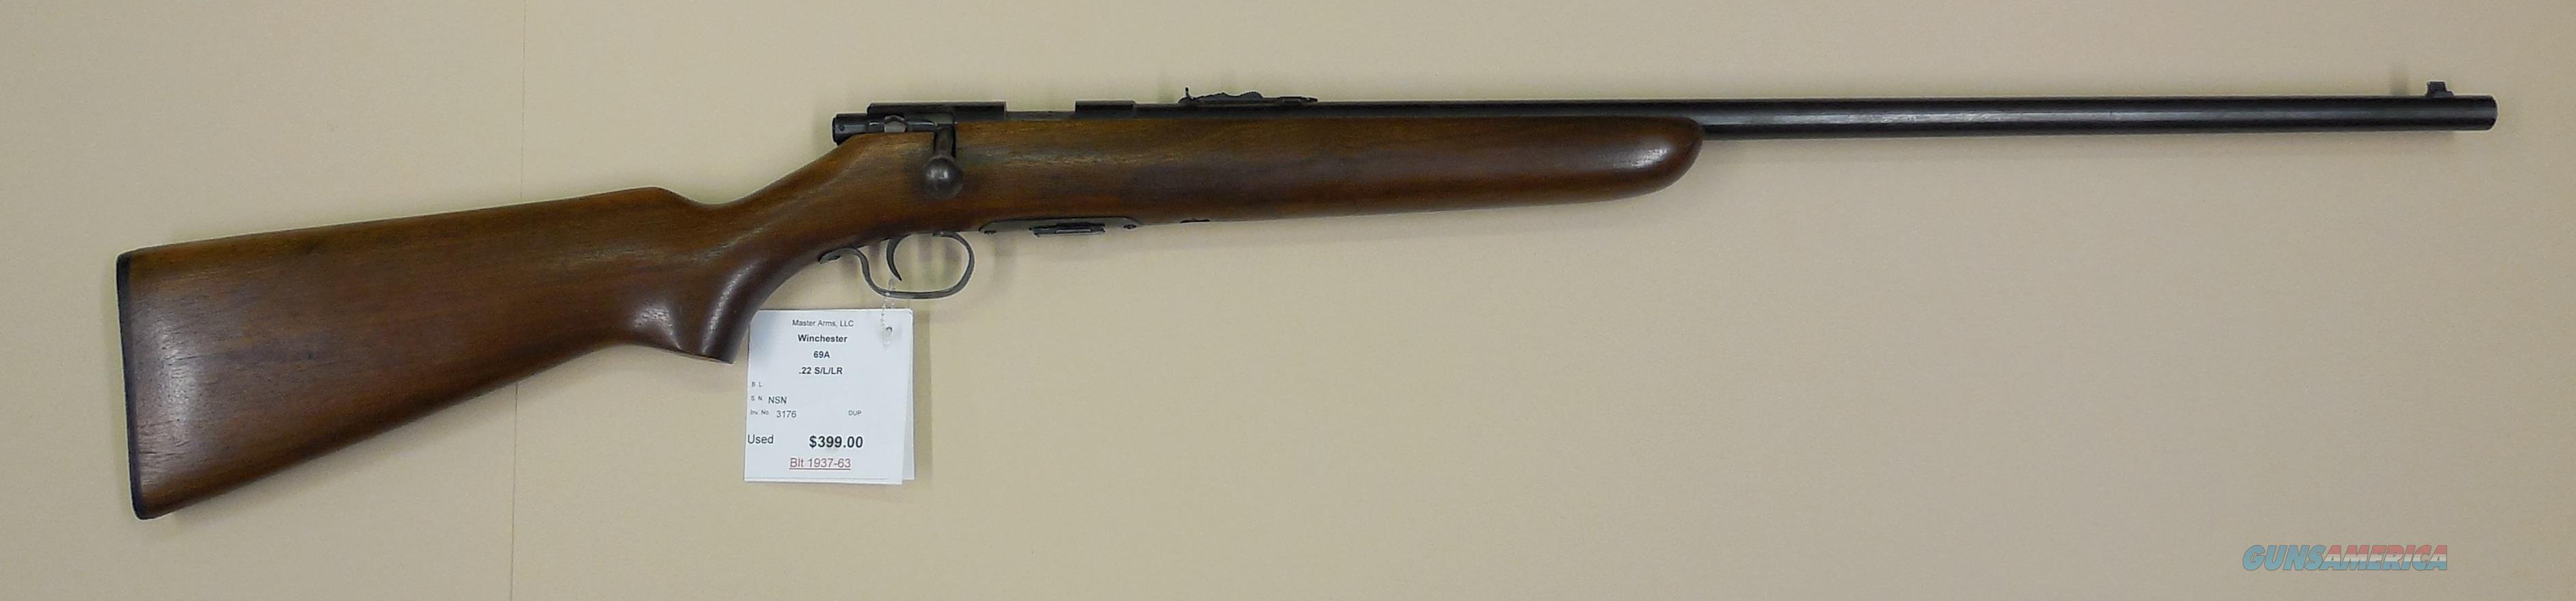 WINCHESTER 69A  Guns > Rifles > Winchester Rifles - Modern Bolt/Auto/Single > Other Bolt Action